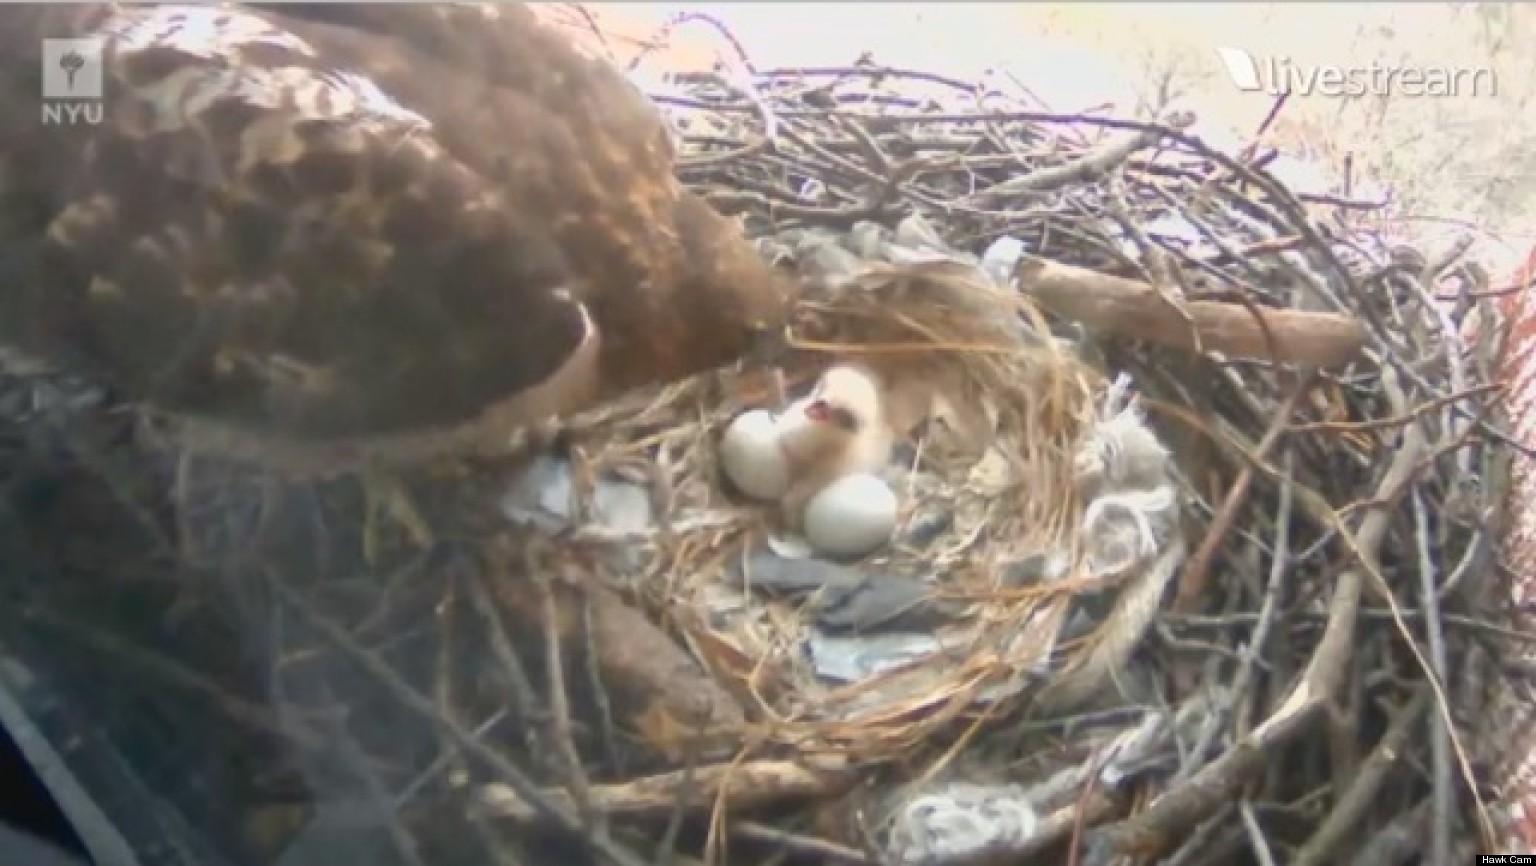 Baby Hawk Hatches At Nyu Hawk Cam Catches Bird Birth